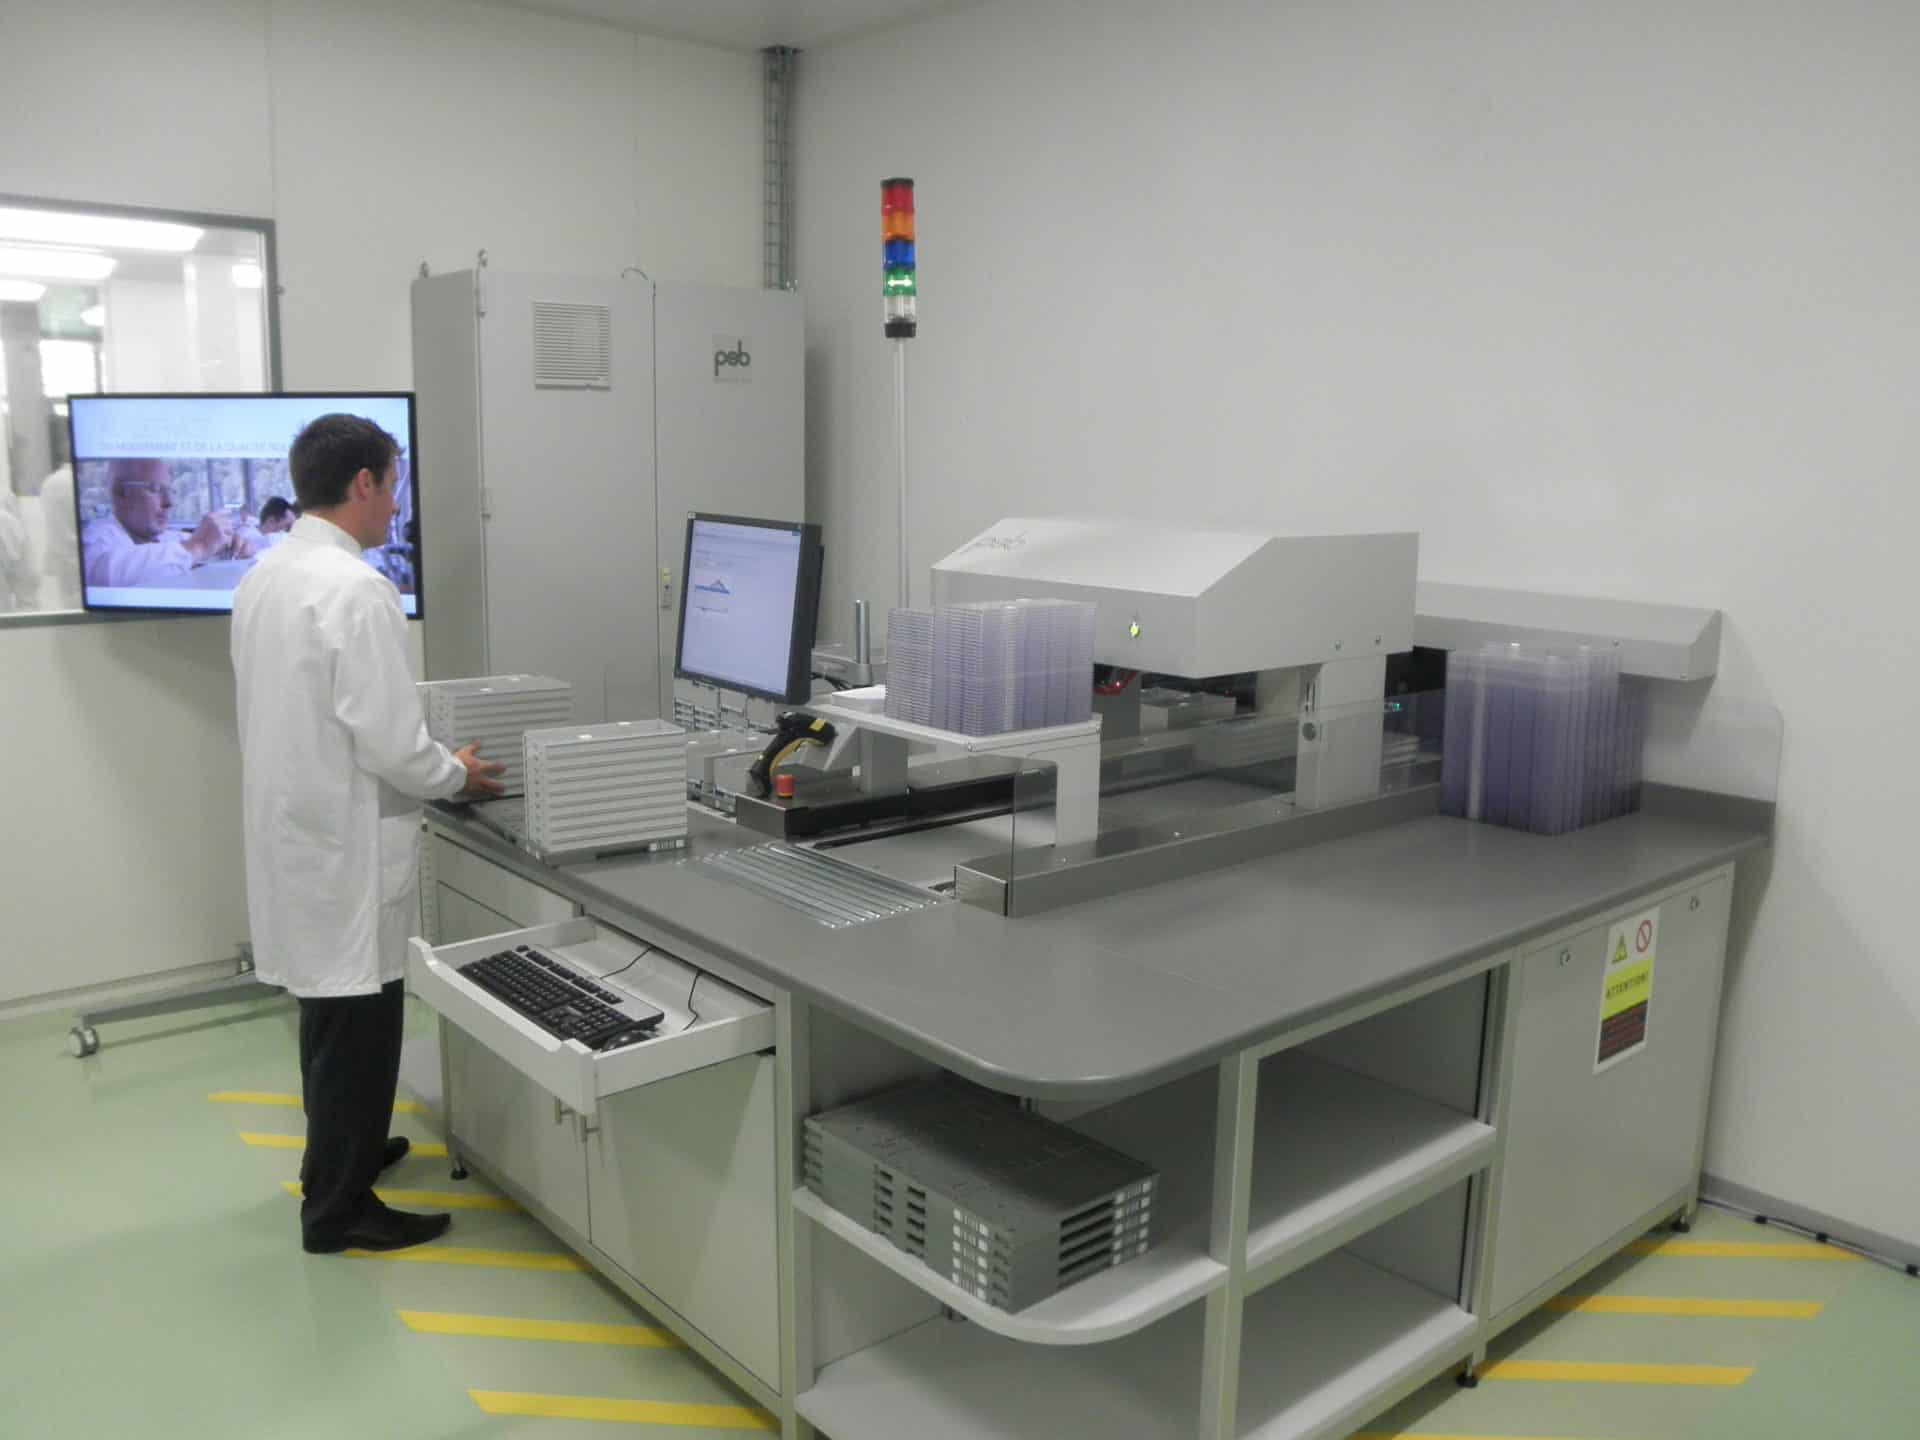 Bei Rolex in Biel erfolgt die Verwaltung des Hochlagers per Computer - Foto GLB